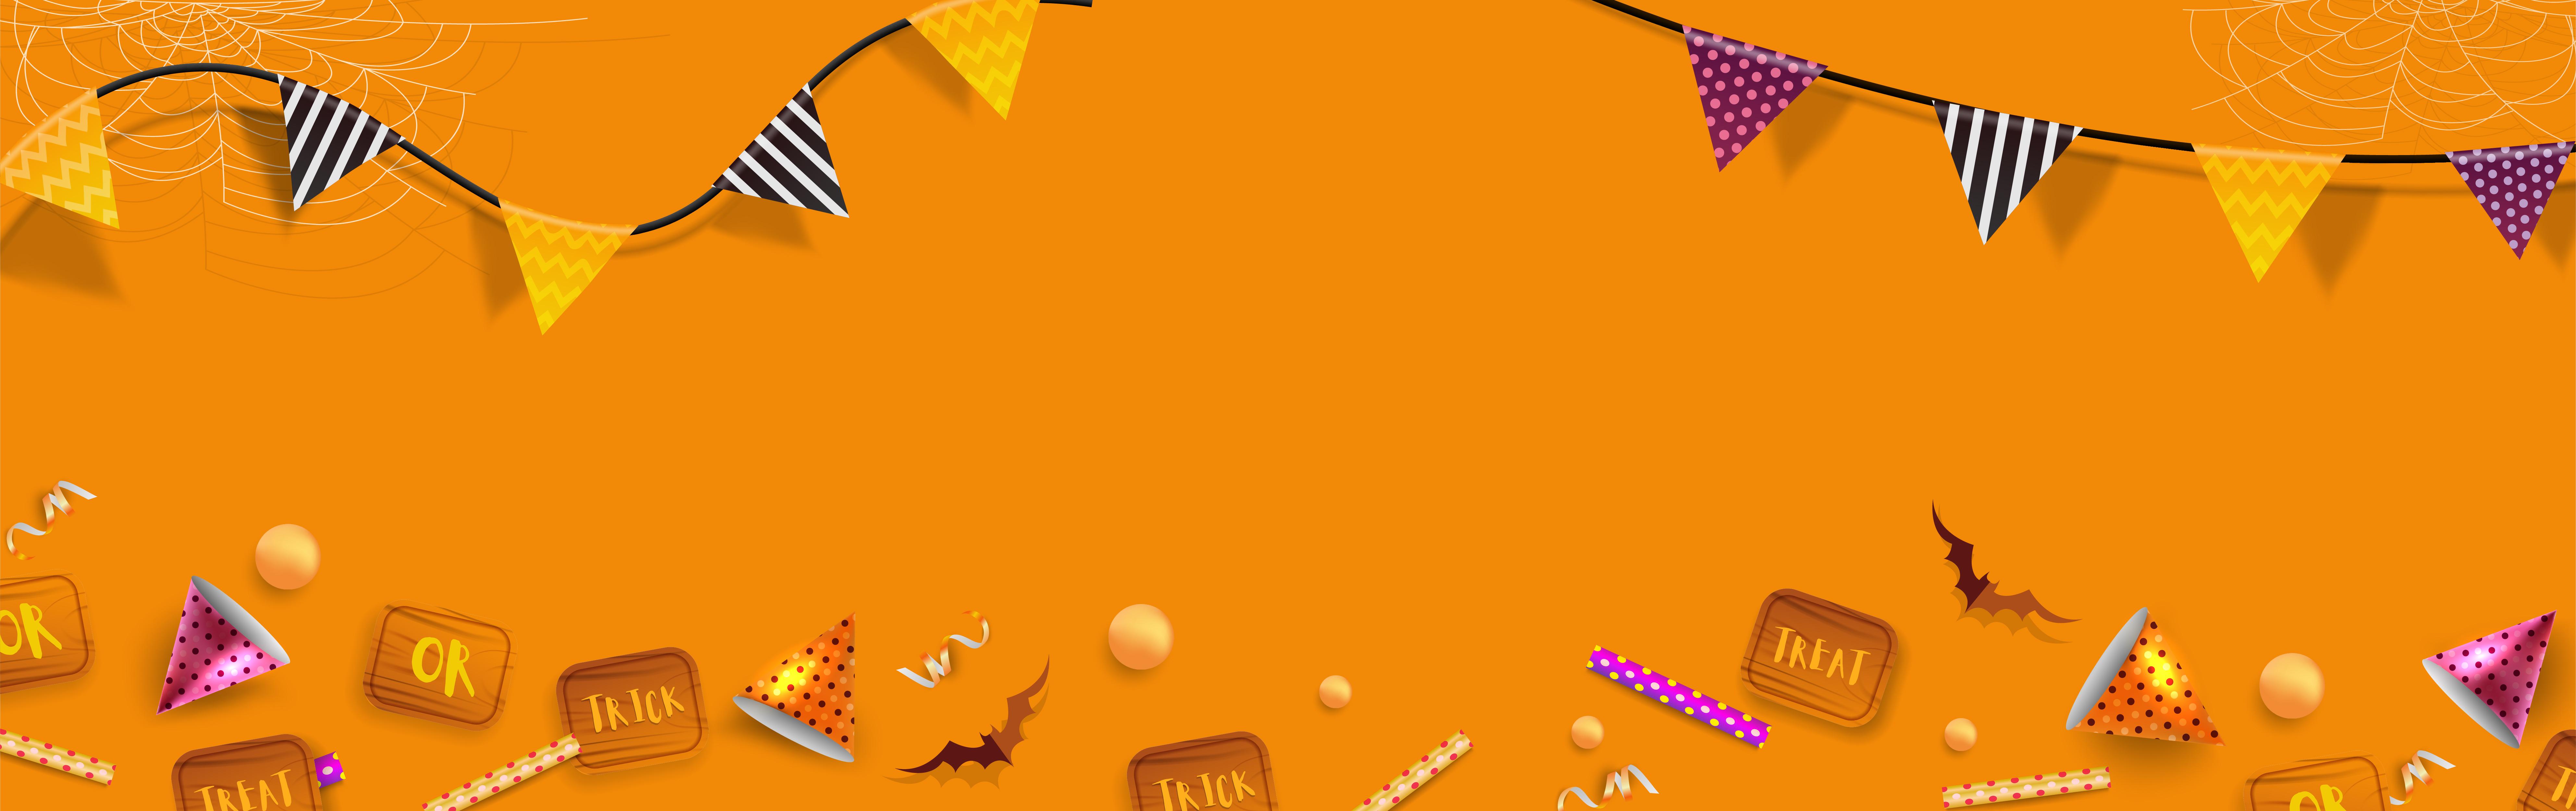 CNNIK Happy Halloween Sfondo Banner Extra Large Poster Festa di Halloween Photo Booth Sfondo Sfondo Banner Decorazione Forniture 250 x 49 cm